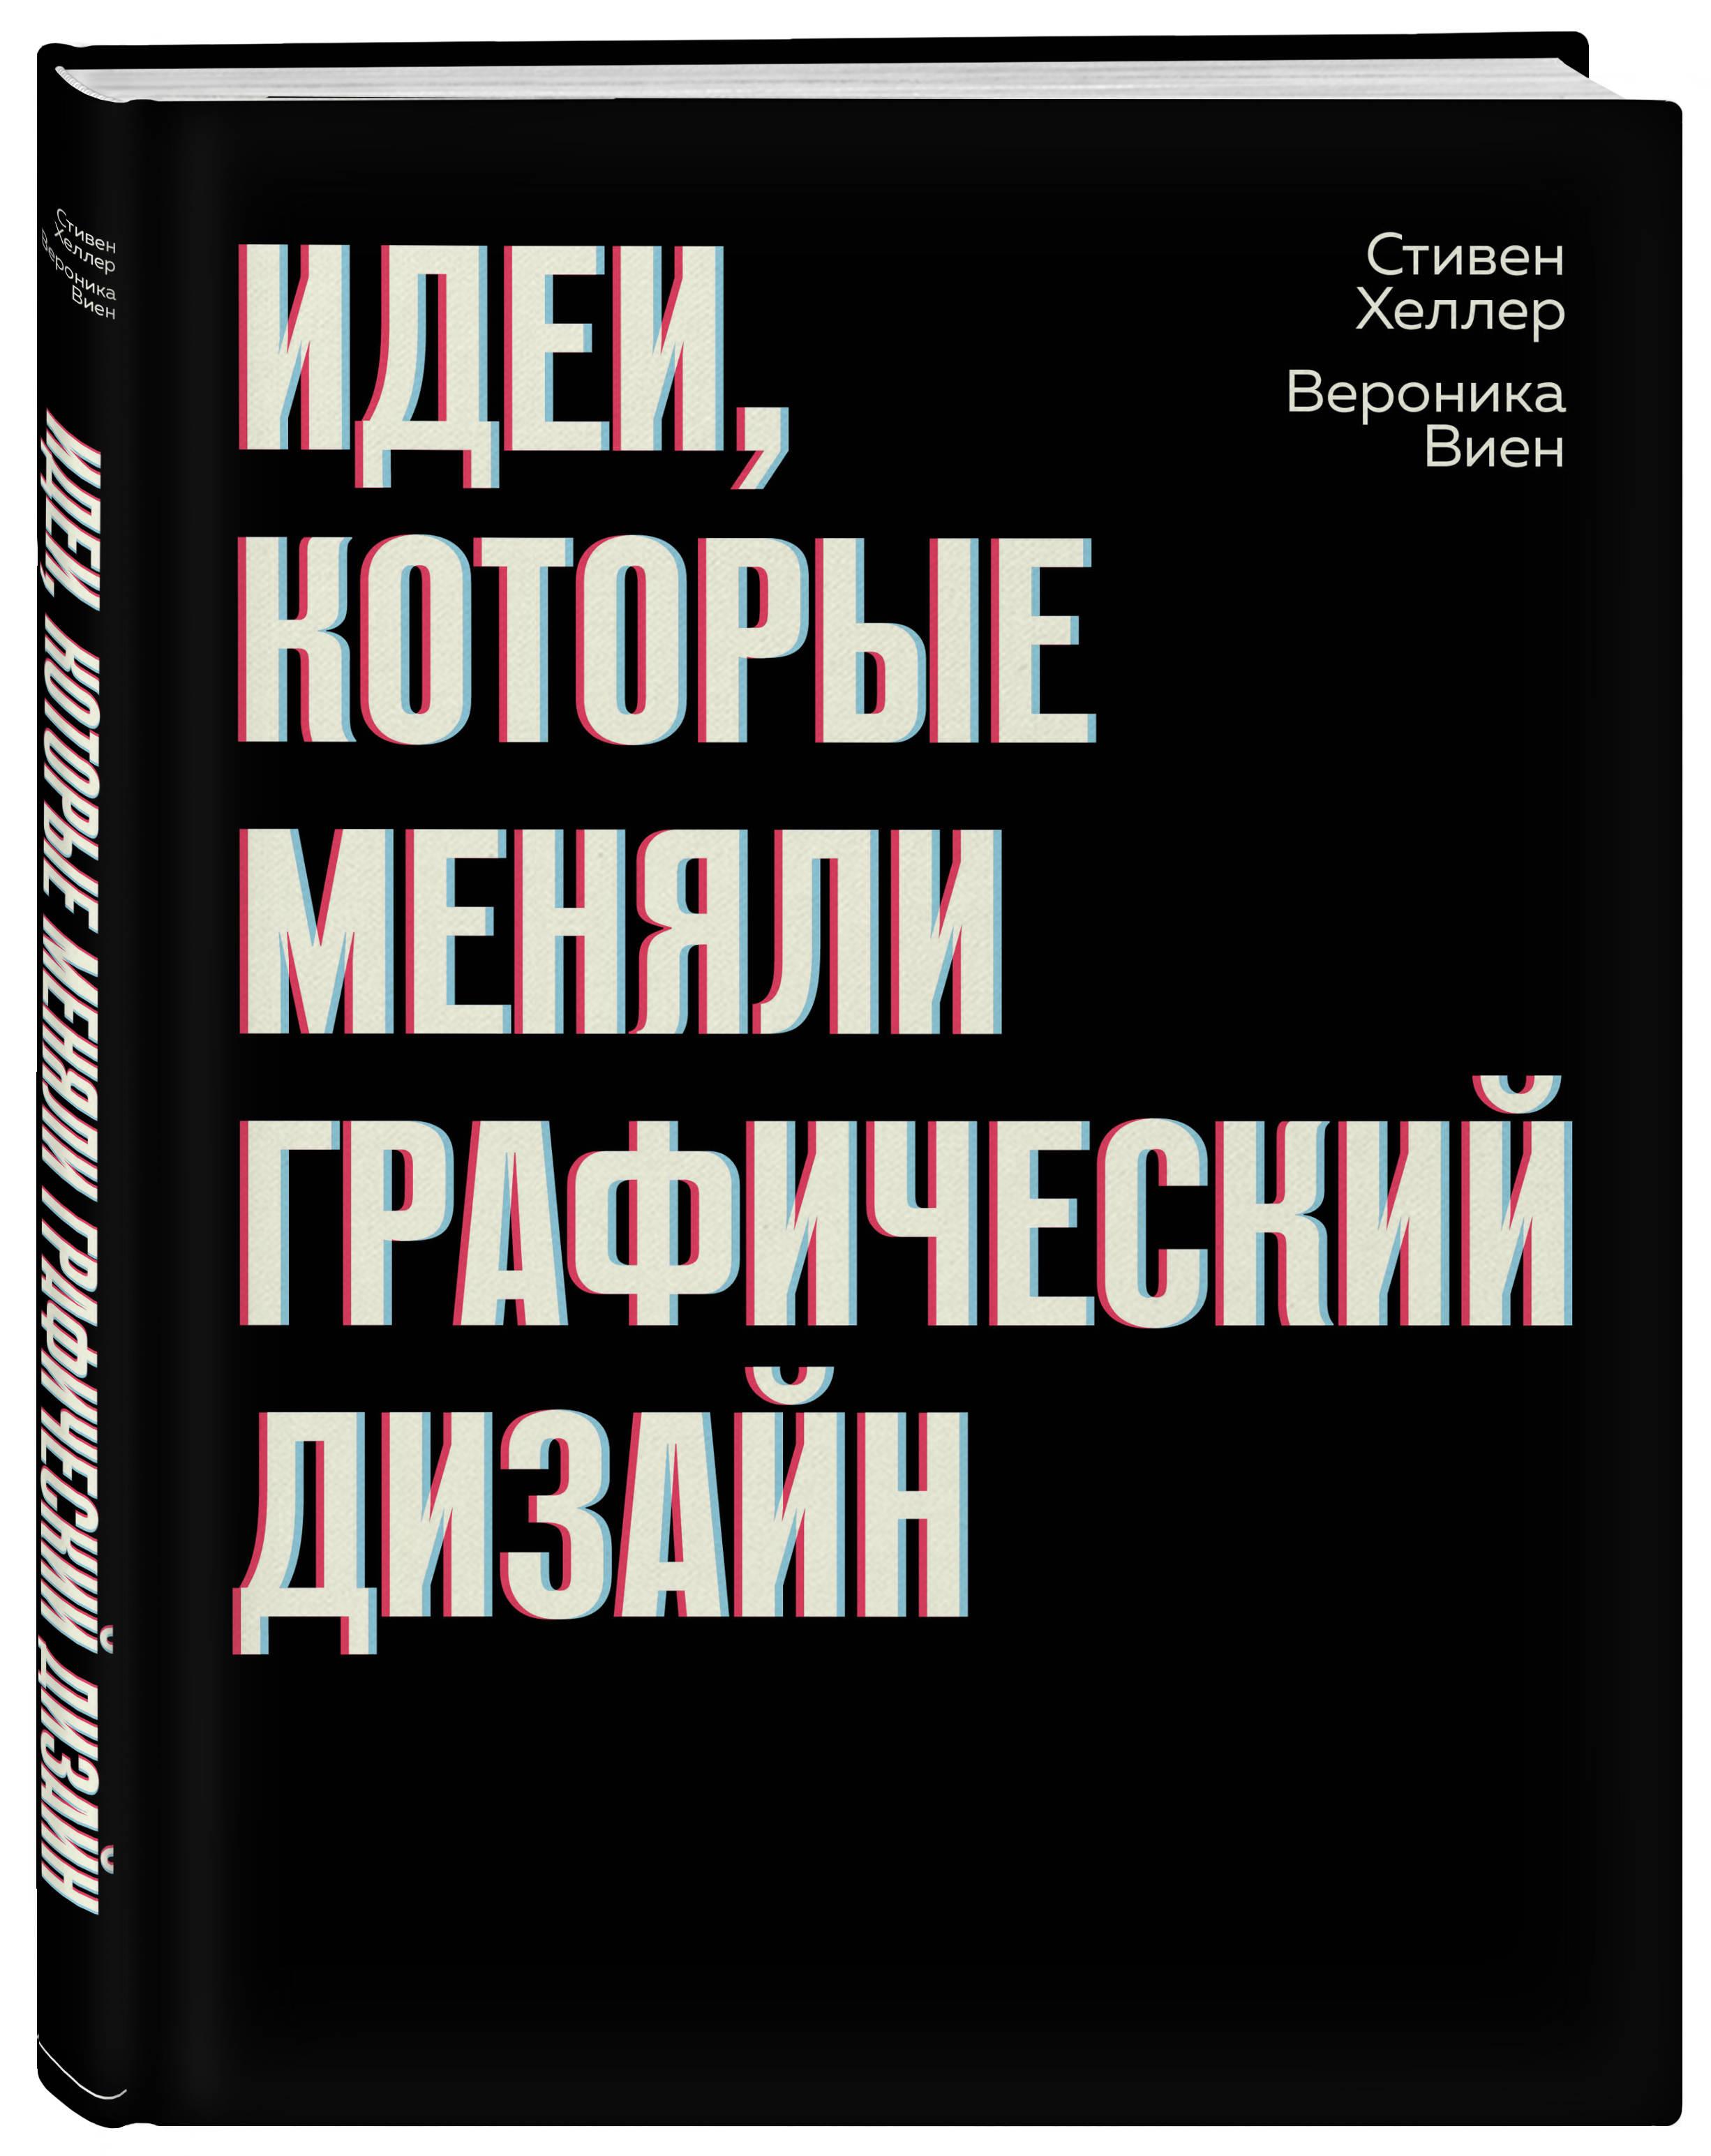 Стивен Хеллер Идеи, которые меняли графический дизайн фельке моррис терри большая книга веб дизайна cd